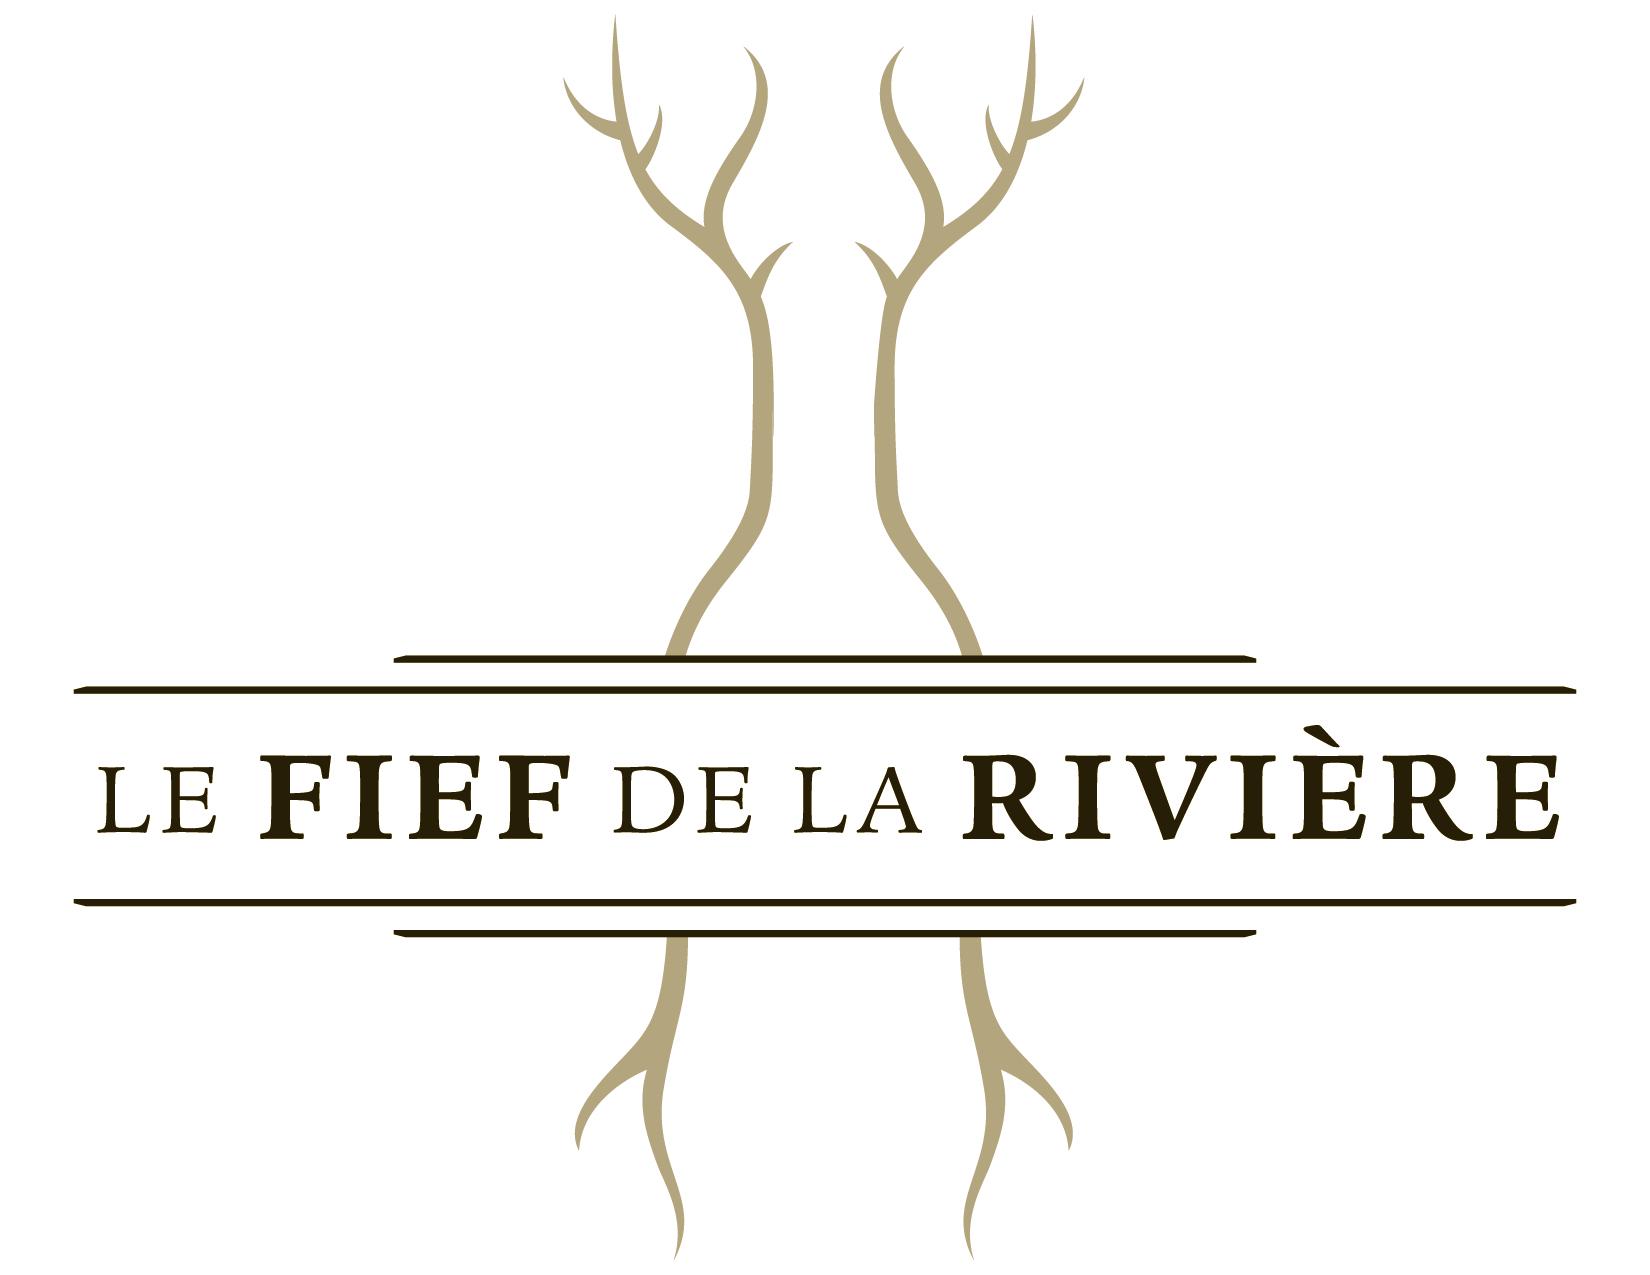 Fief de la Riviere